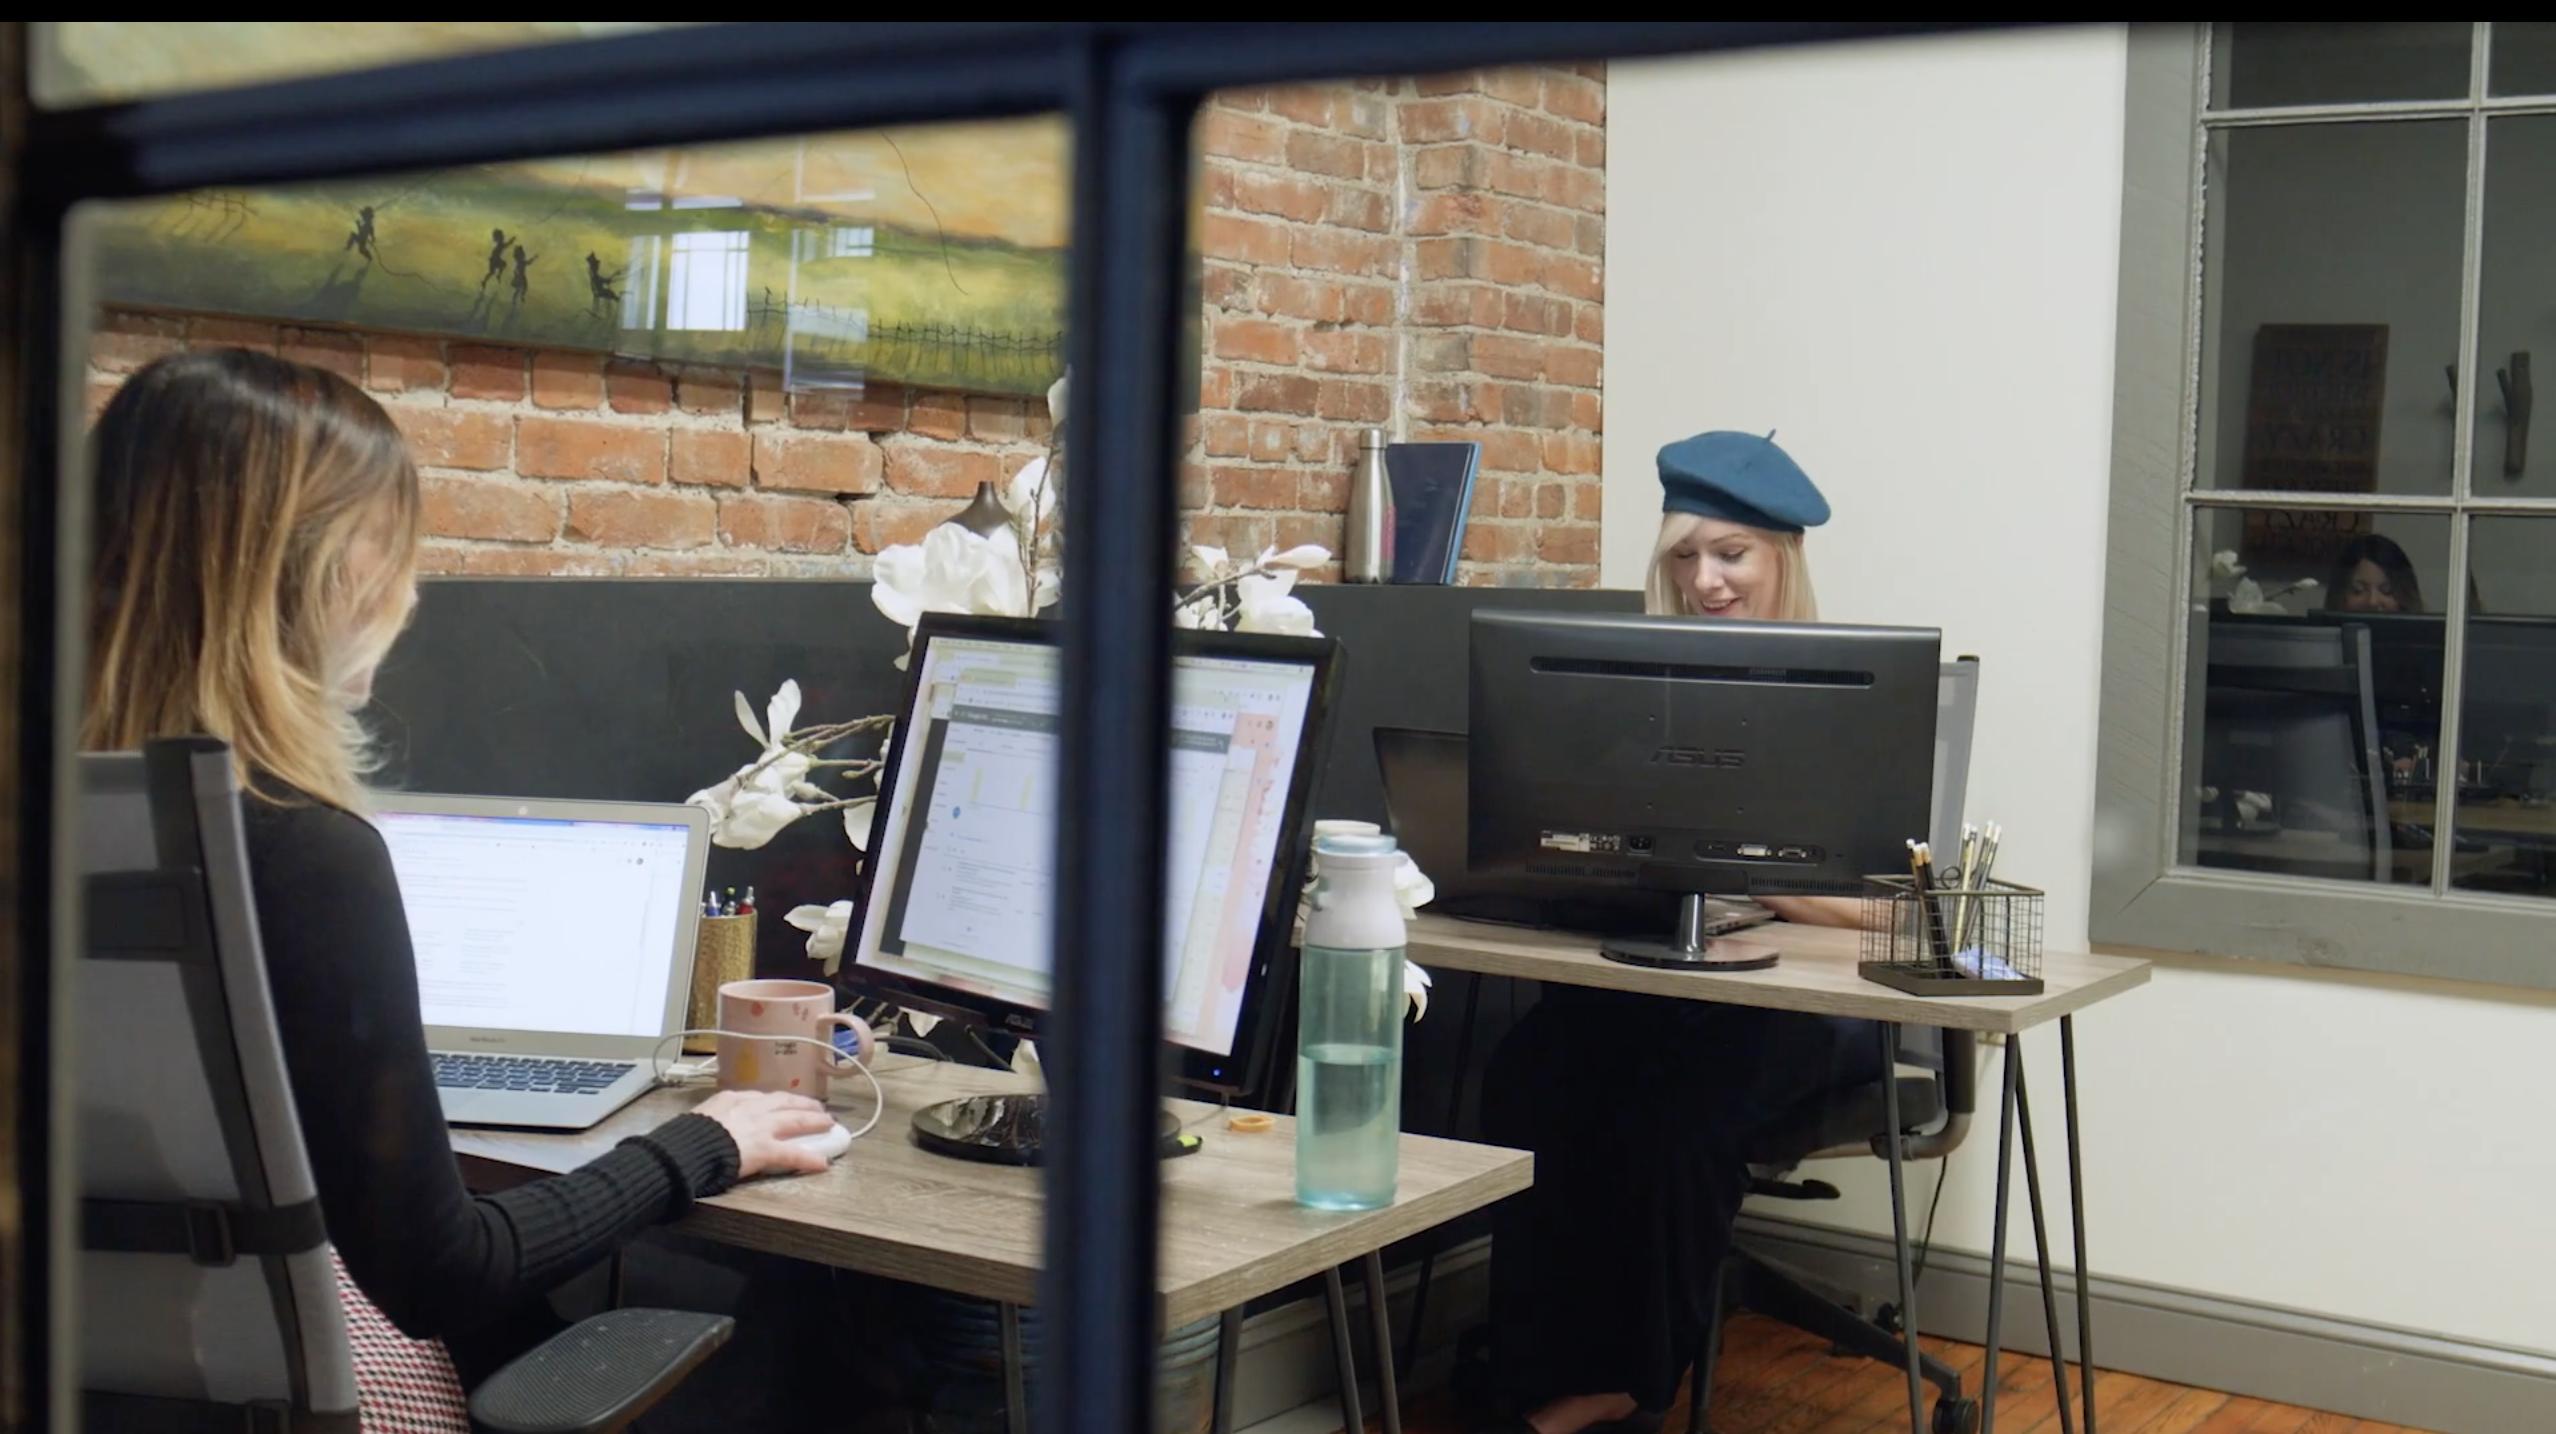 2 women ask desks